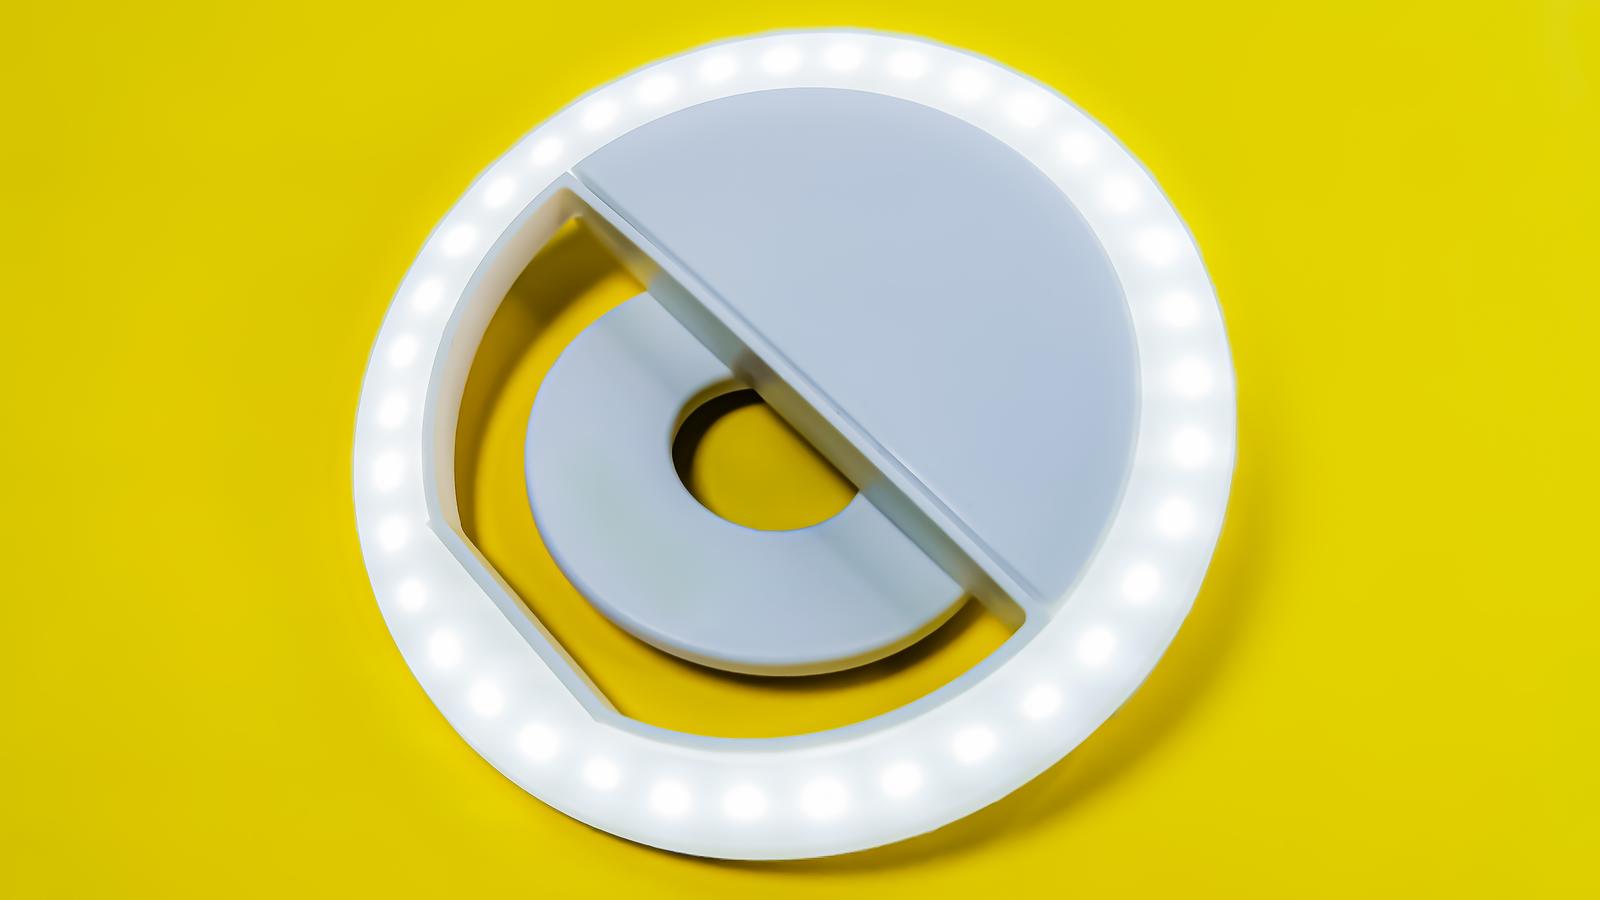 Cận cảnh đèn LED selfie vòng tròn đèn LED cho điện thoại chụp ảnh trên nền vàng sáng